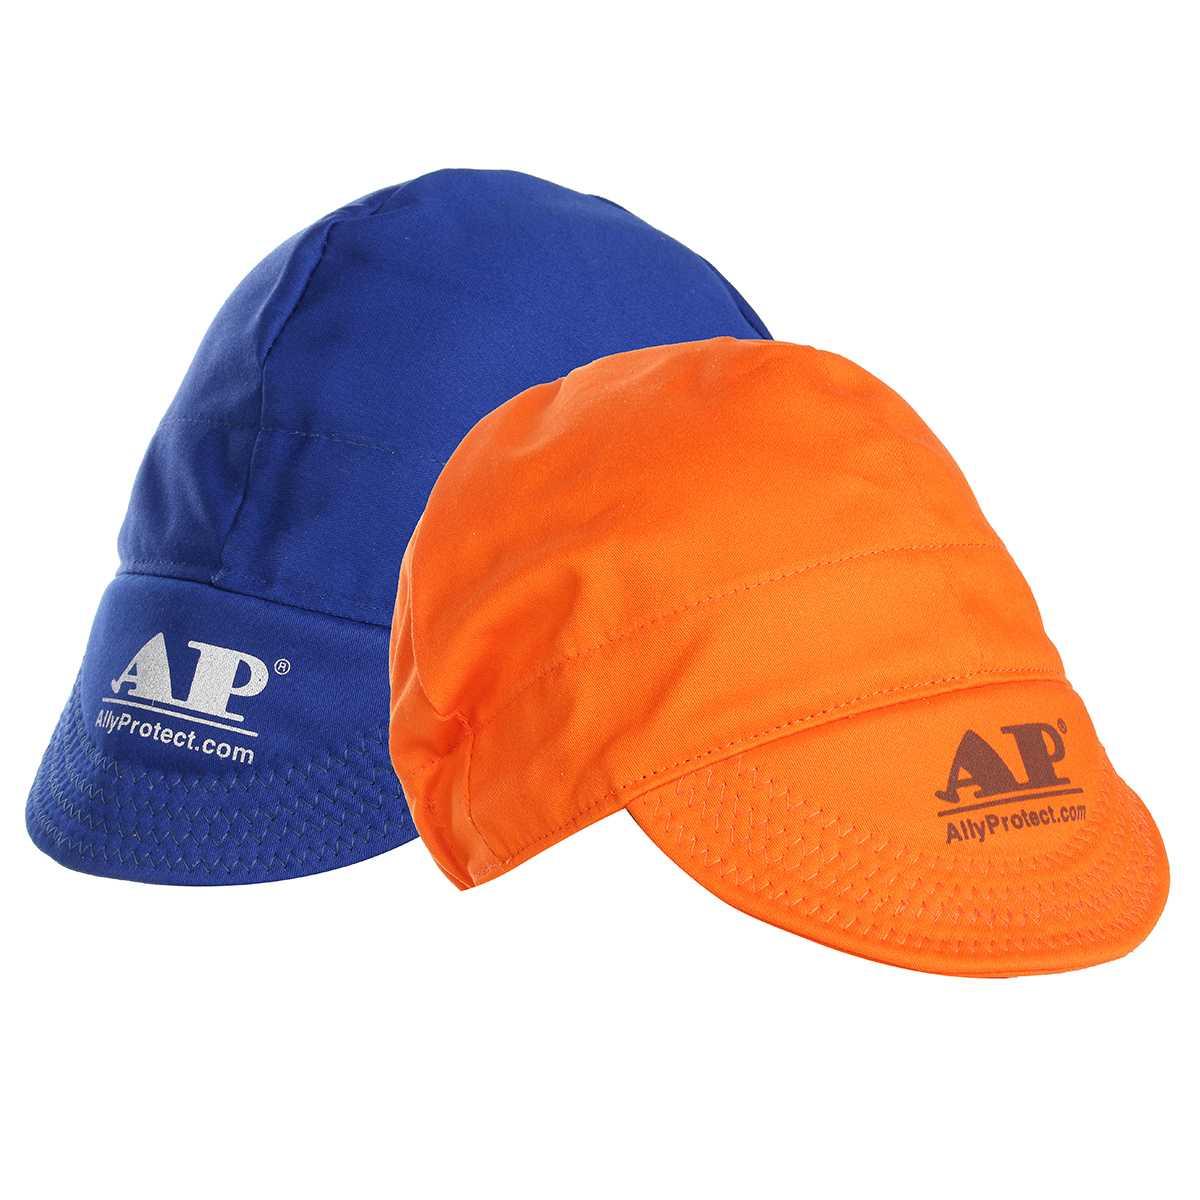 Retardant Frabic Welding Cap Universal Adjustable Elastic Welding Flame Retardant Cloth Hat Cap Head Protection For Welding